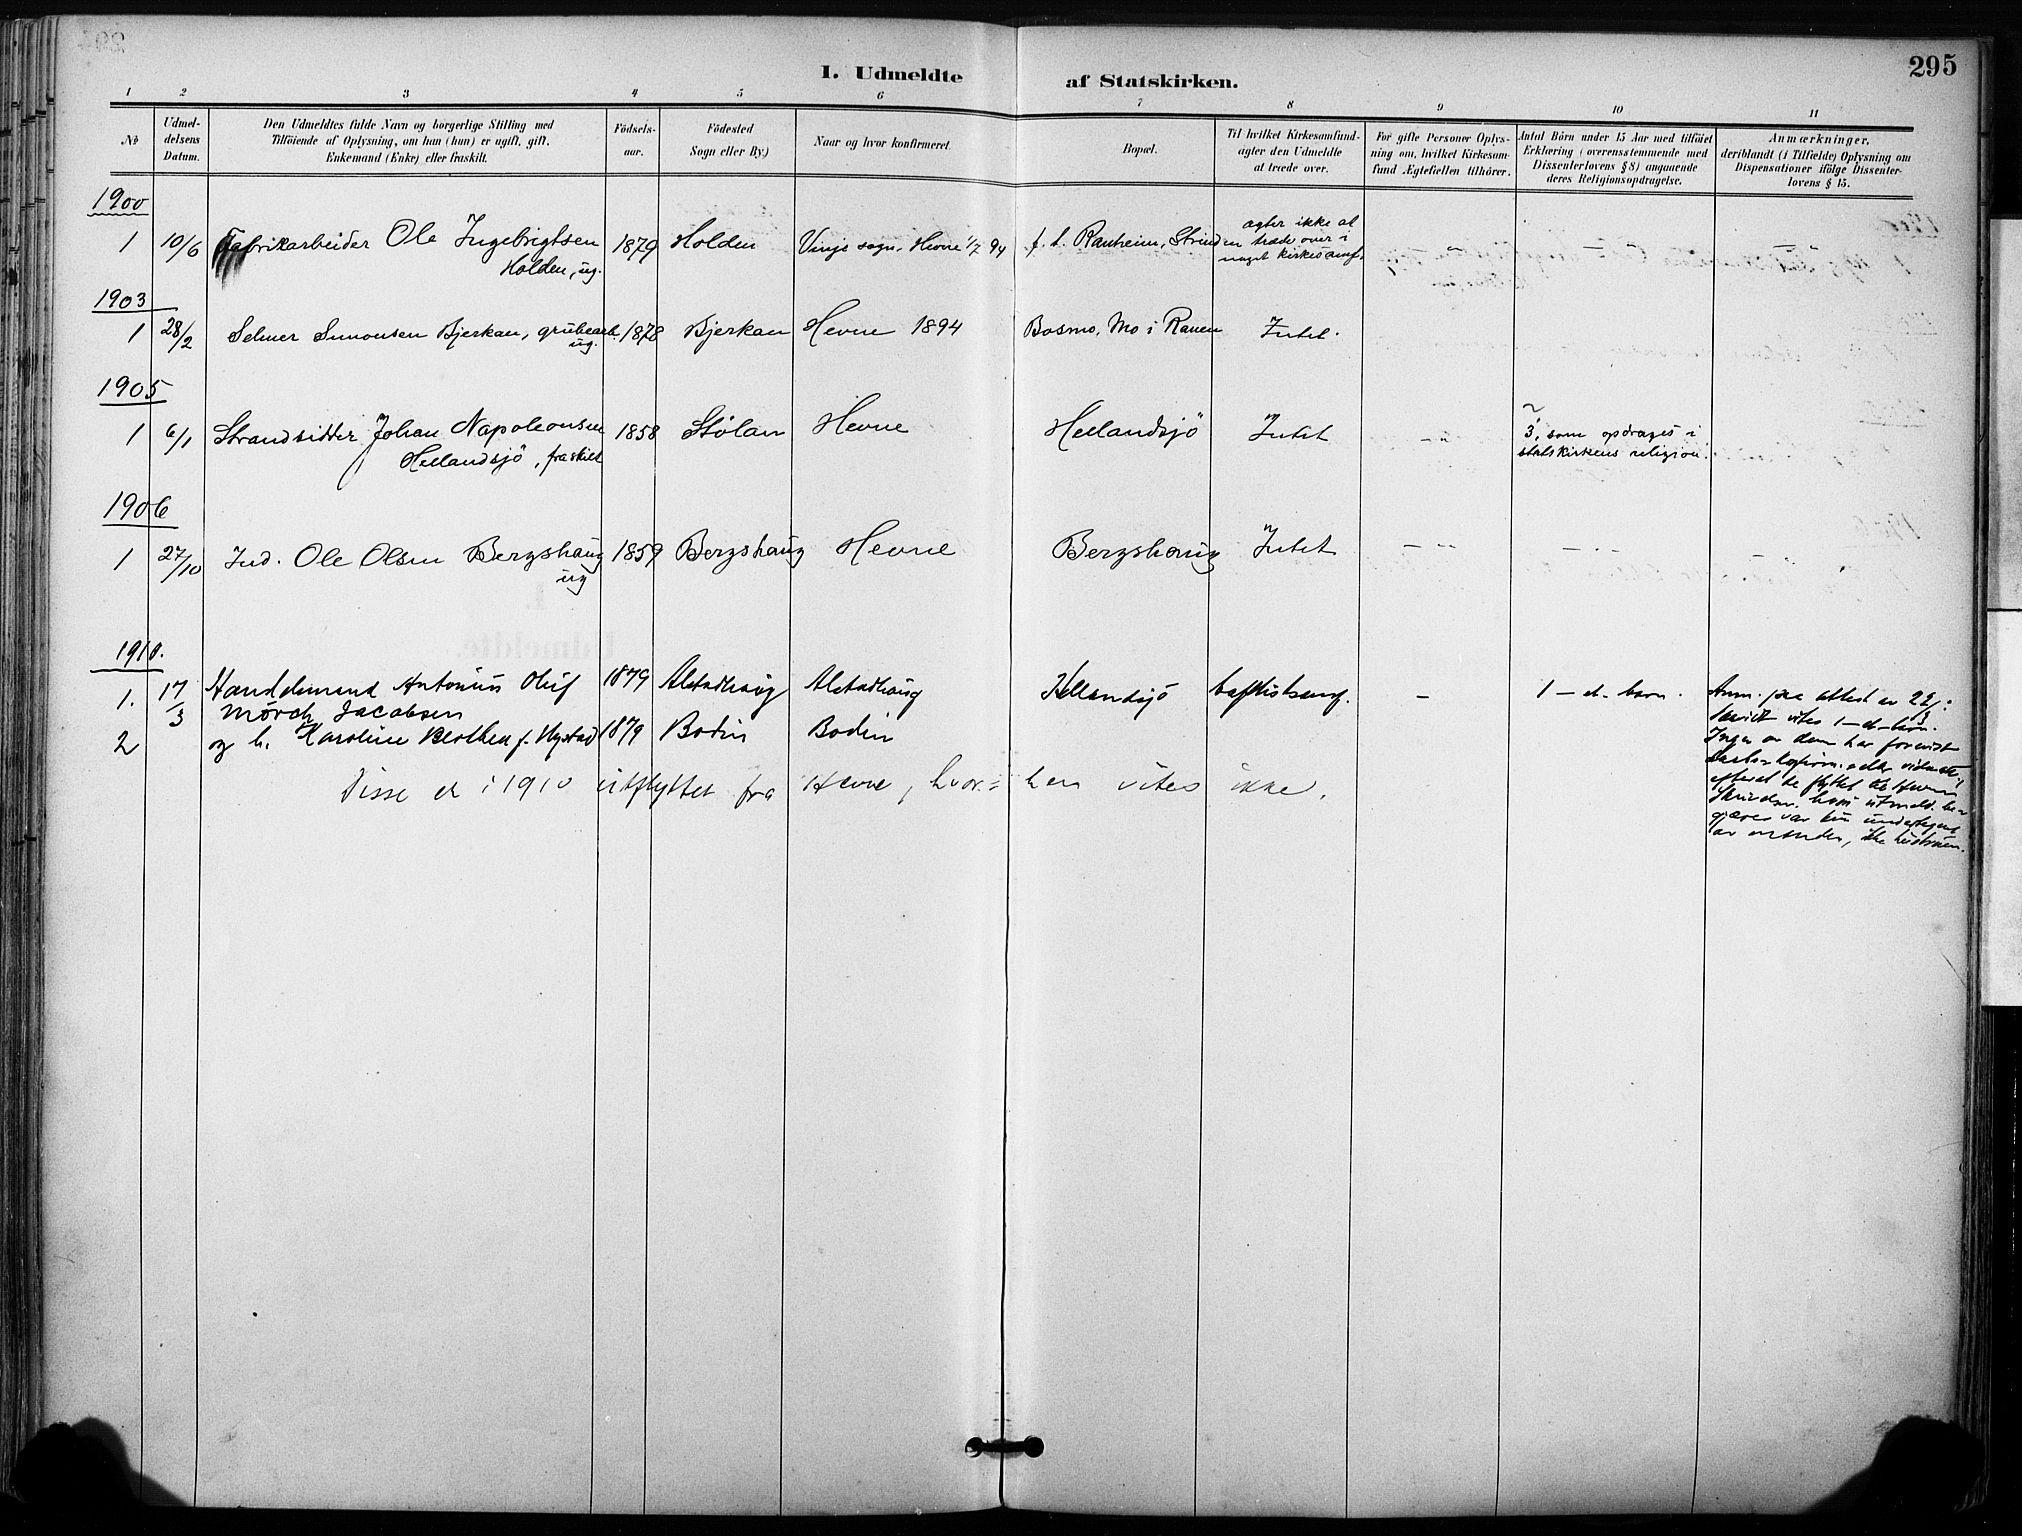 SAT, Ministerialprotokoller, klokkerbøker og fødselsregistre - Sør-Trøndelag, 630/L0497: Ministerialbok nr. 630A10, 1896-1910, s. 295